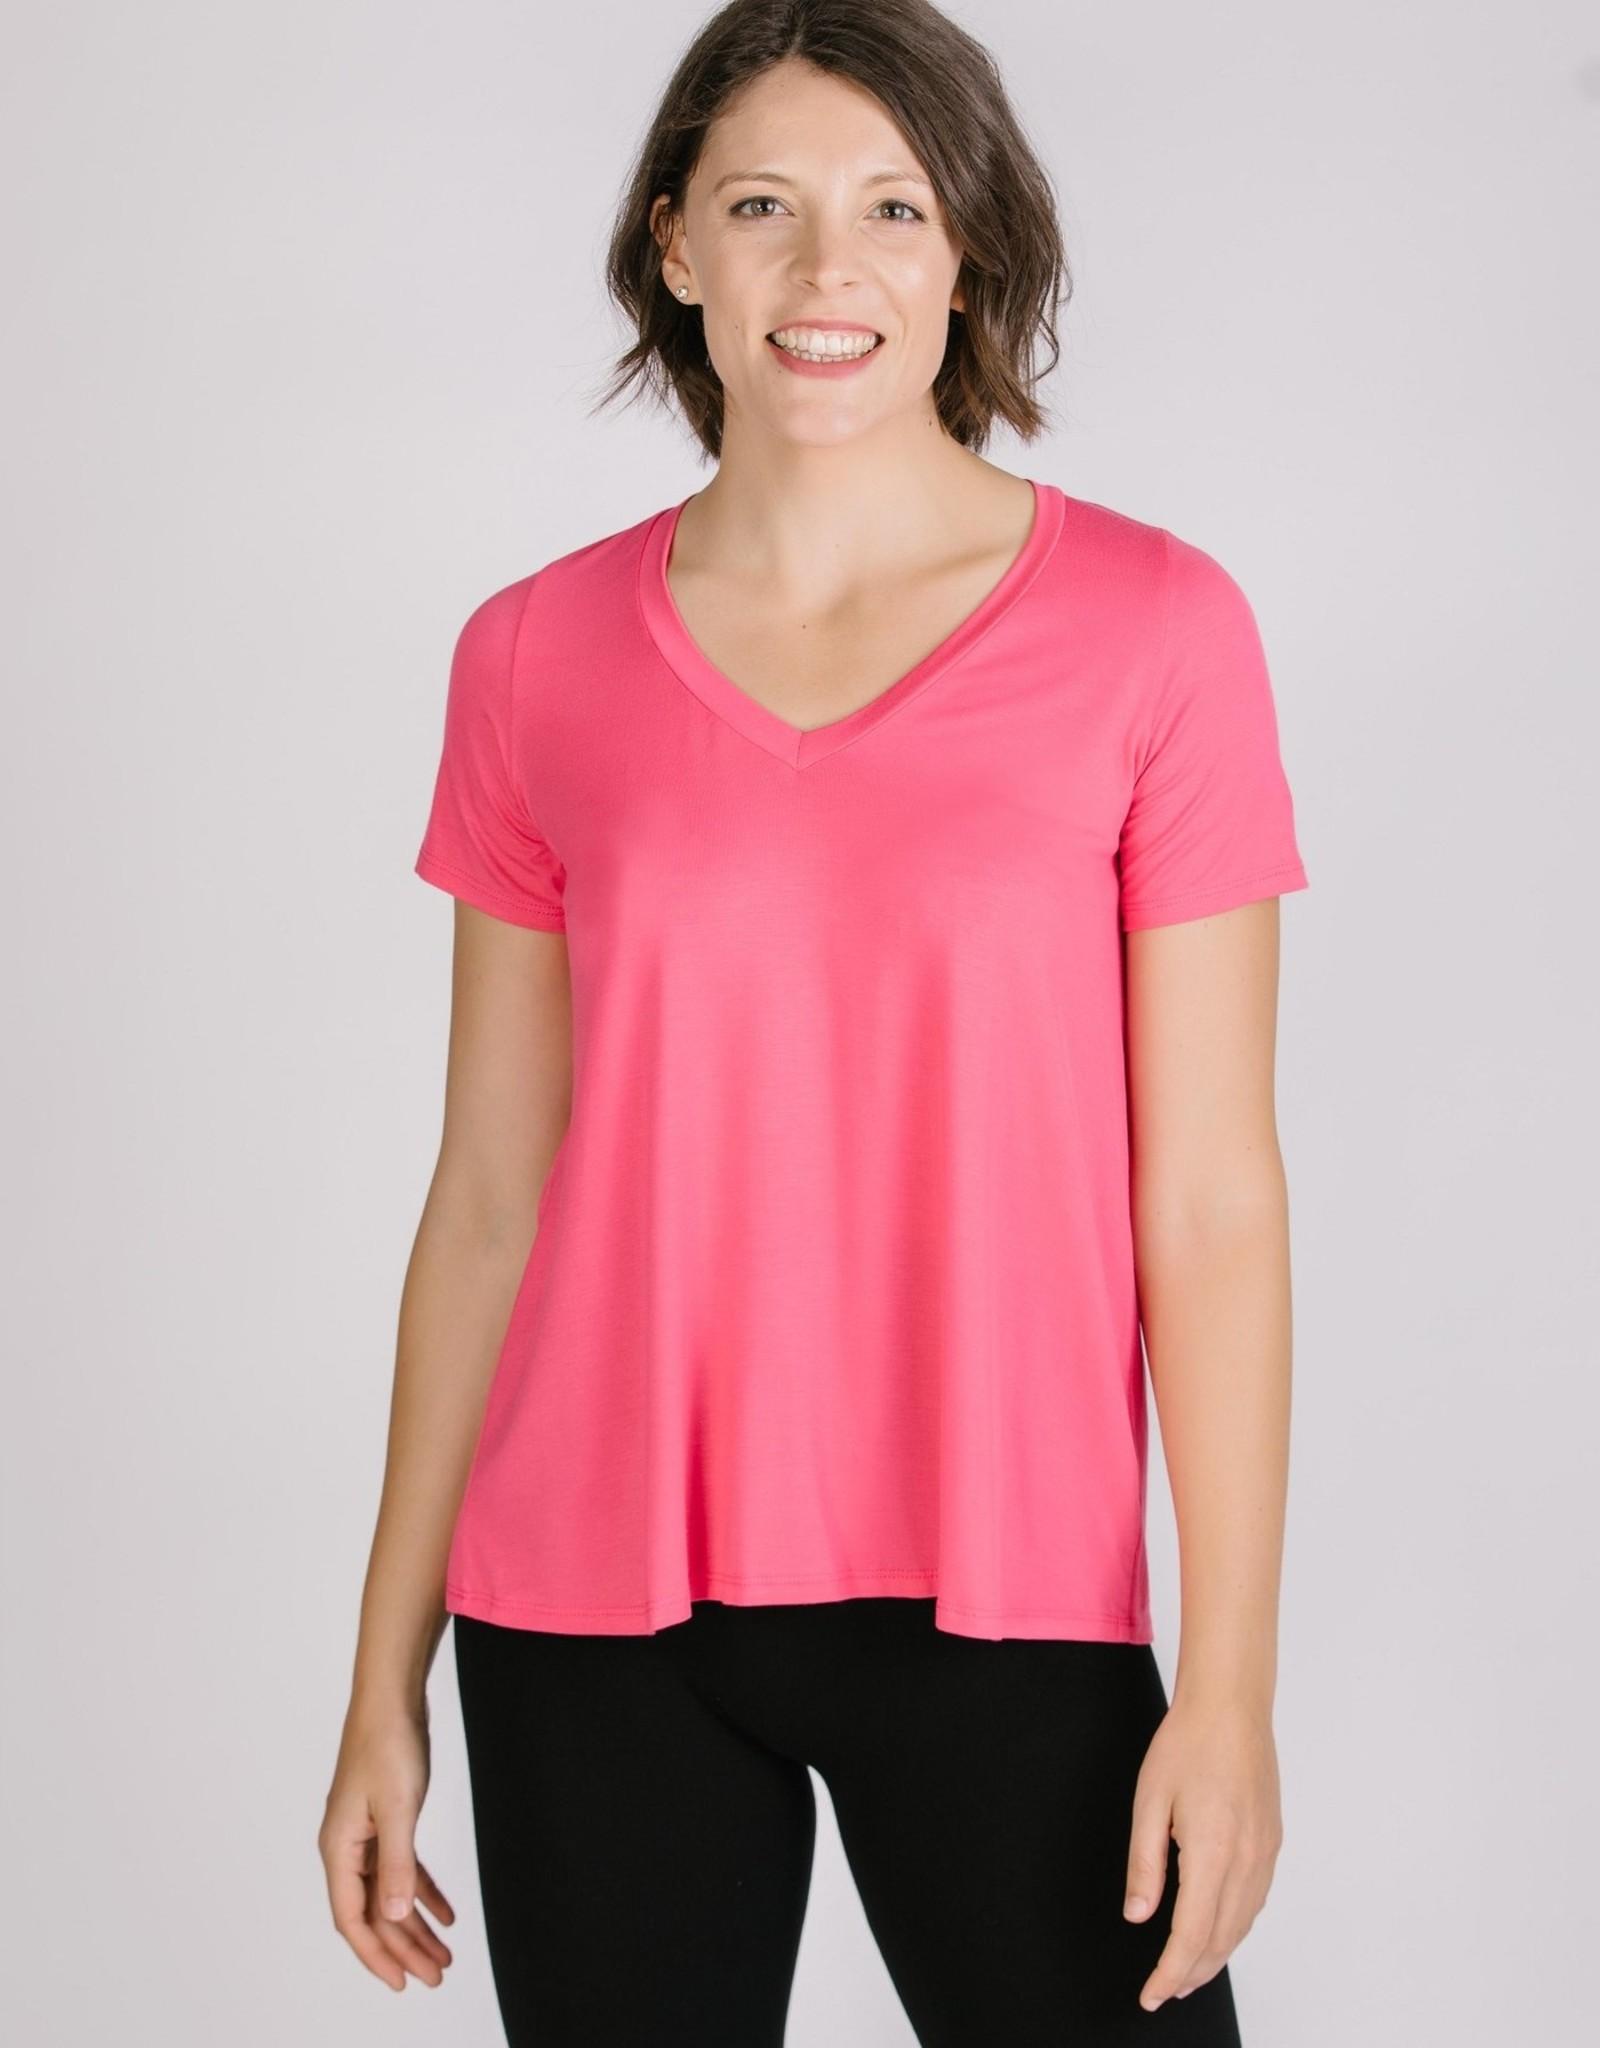 Shannon Passero Elora V-Neck T-shirt